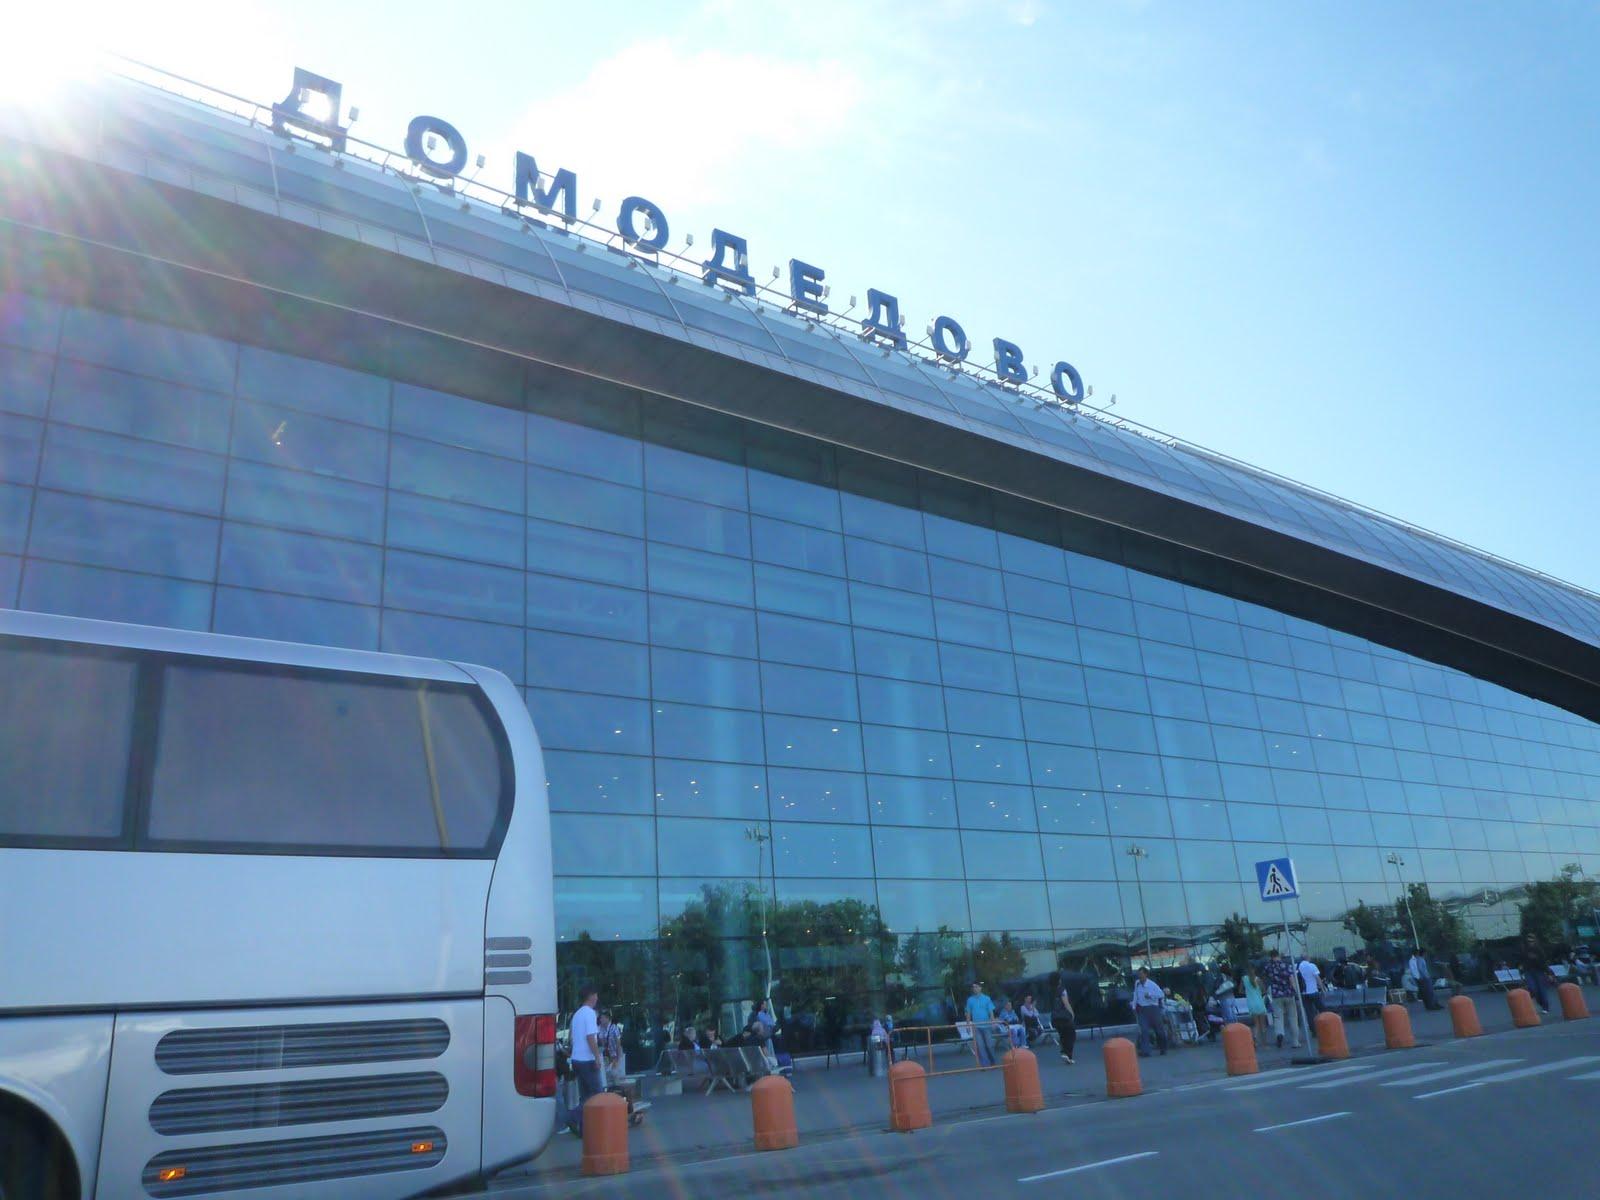 Slightly jet-lag: ロシア モス...